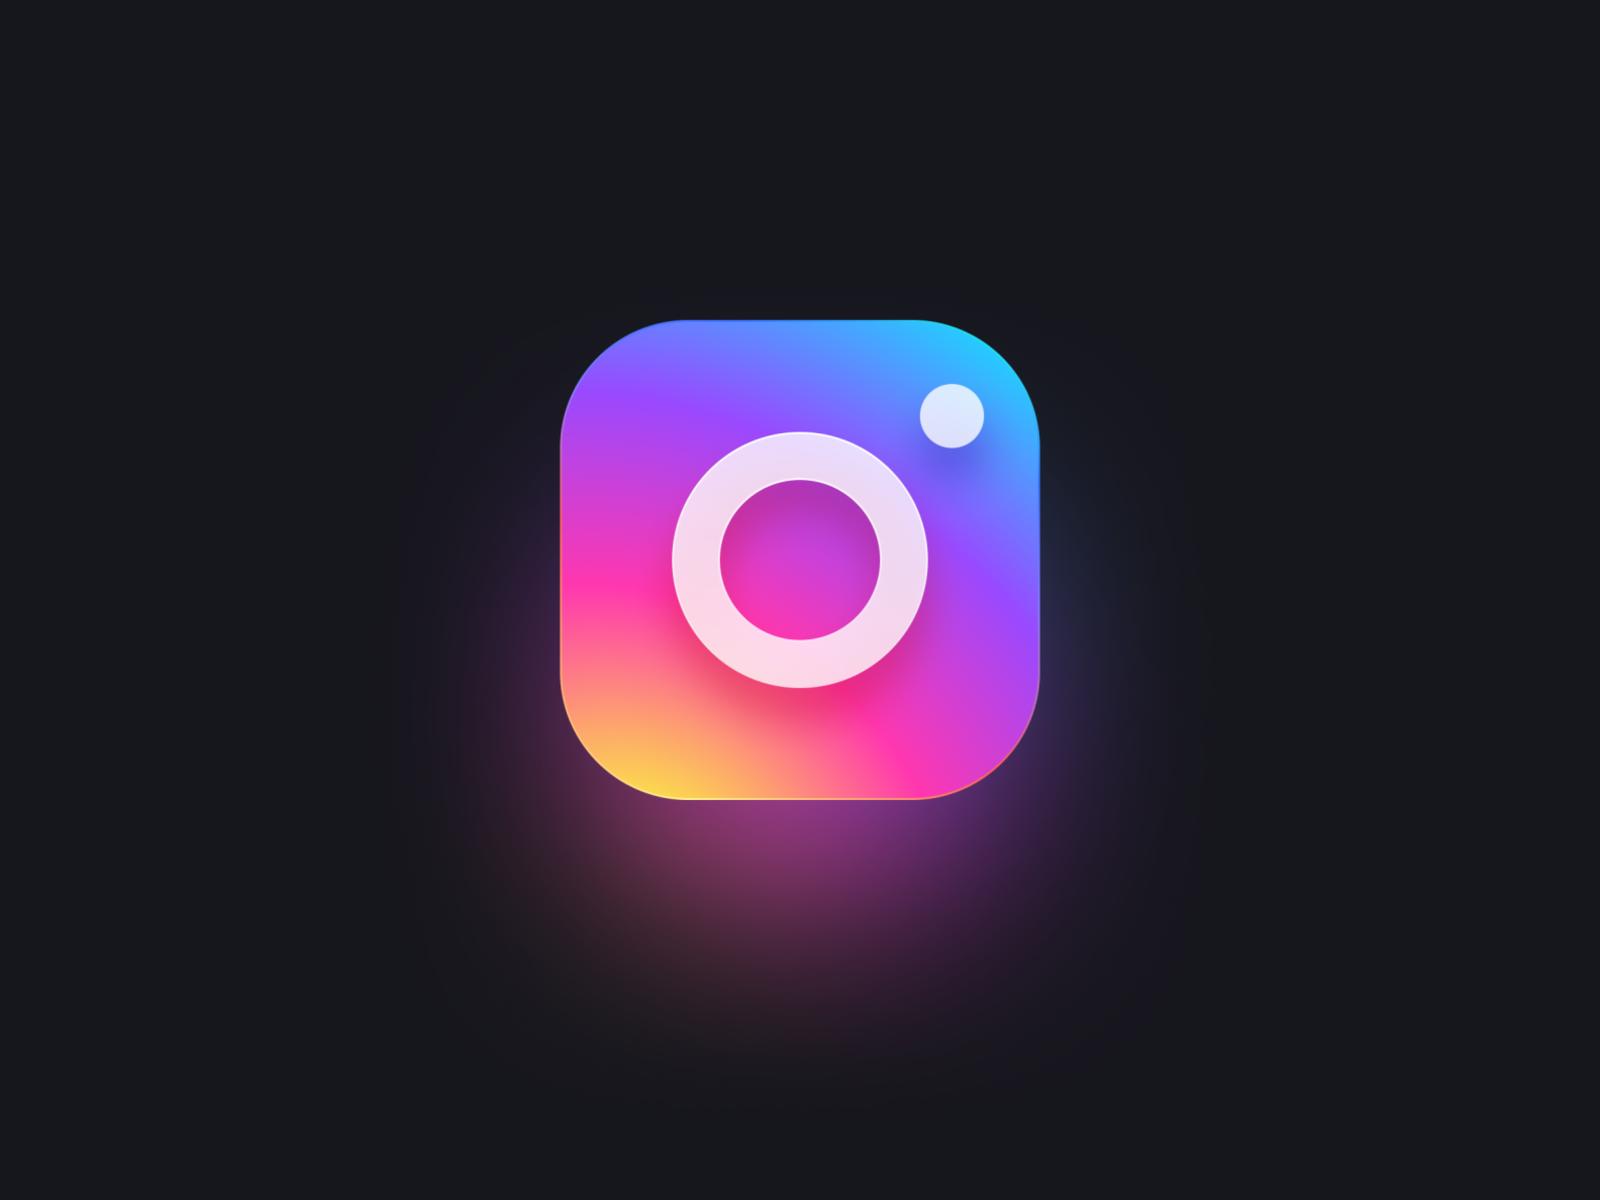 Instagram Hesap Güvenliği Nasıl Sağlanır? Güvenlik Kodu Gelmiyor?